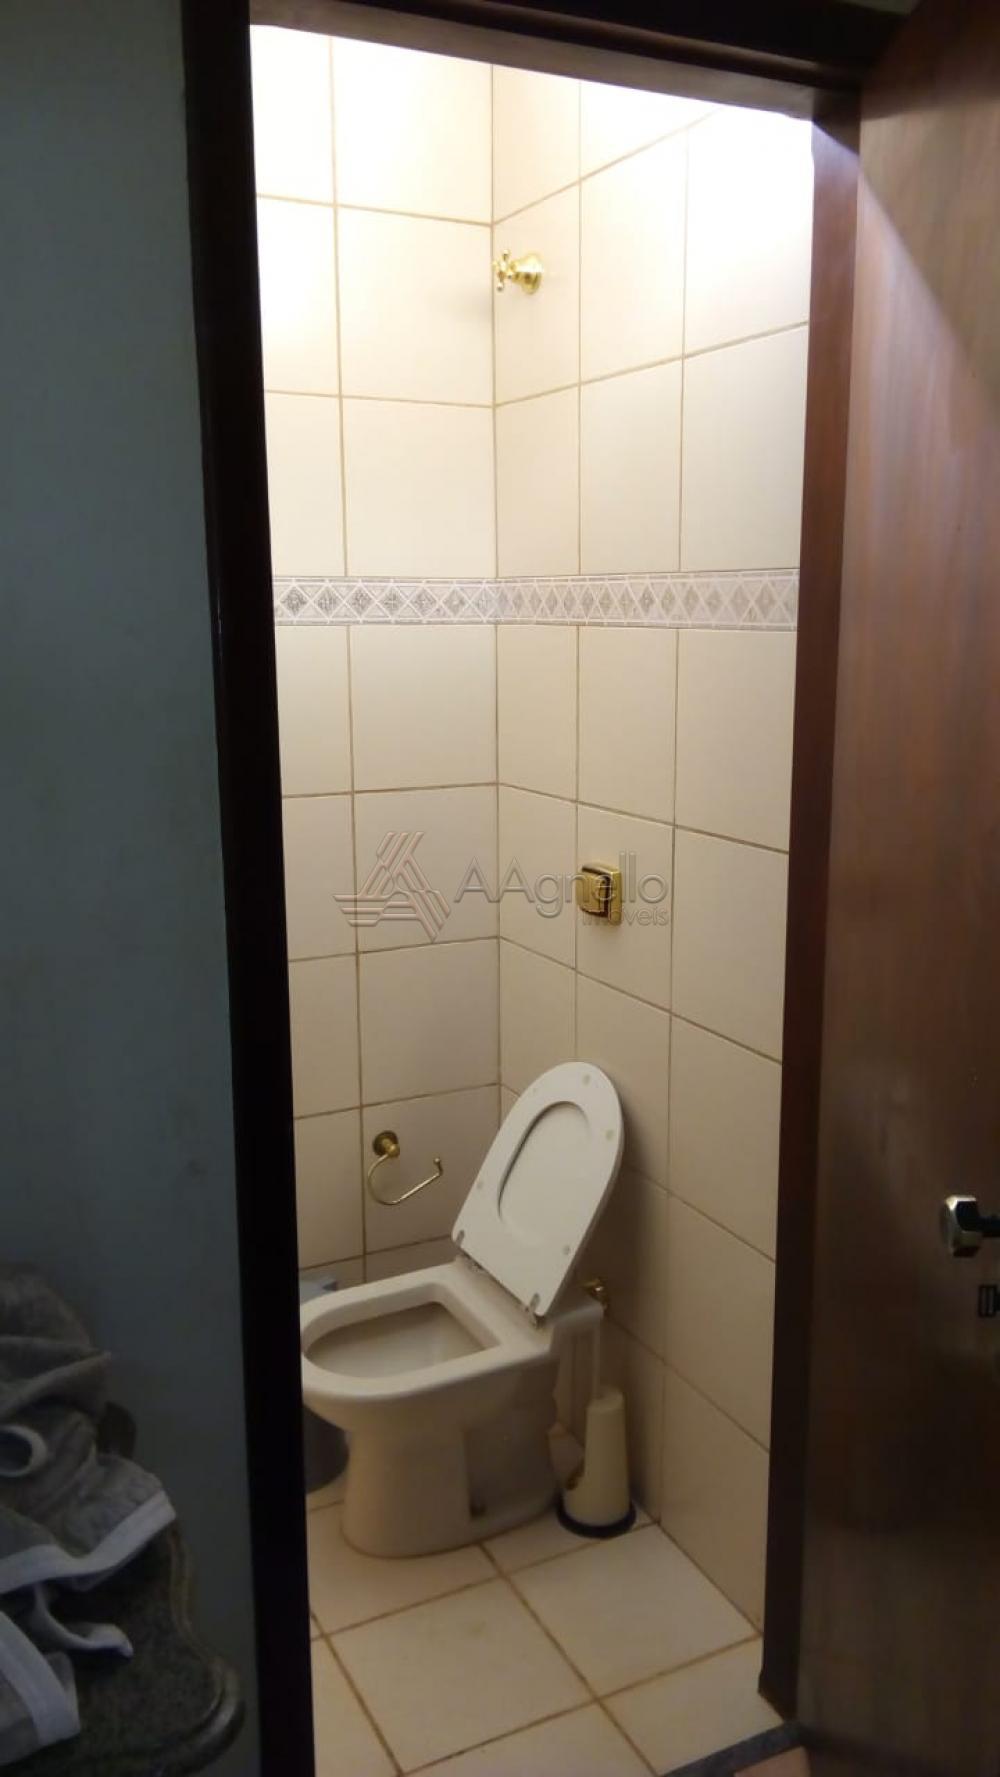 Comprar Casa / Chácara em Franca apenas R$ 700.000,00 - Foto 13